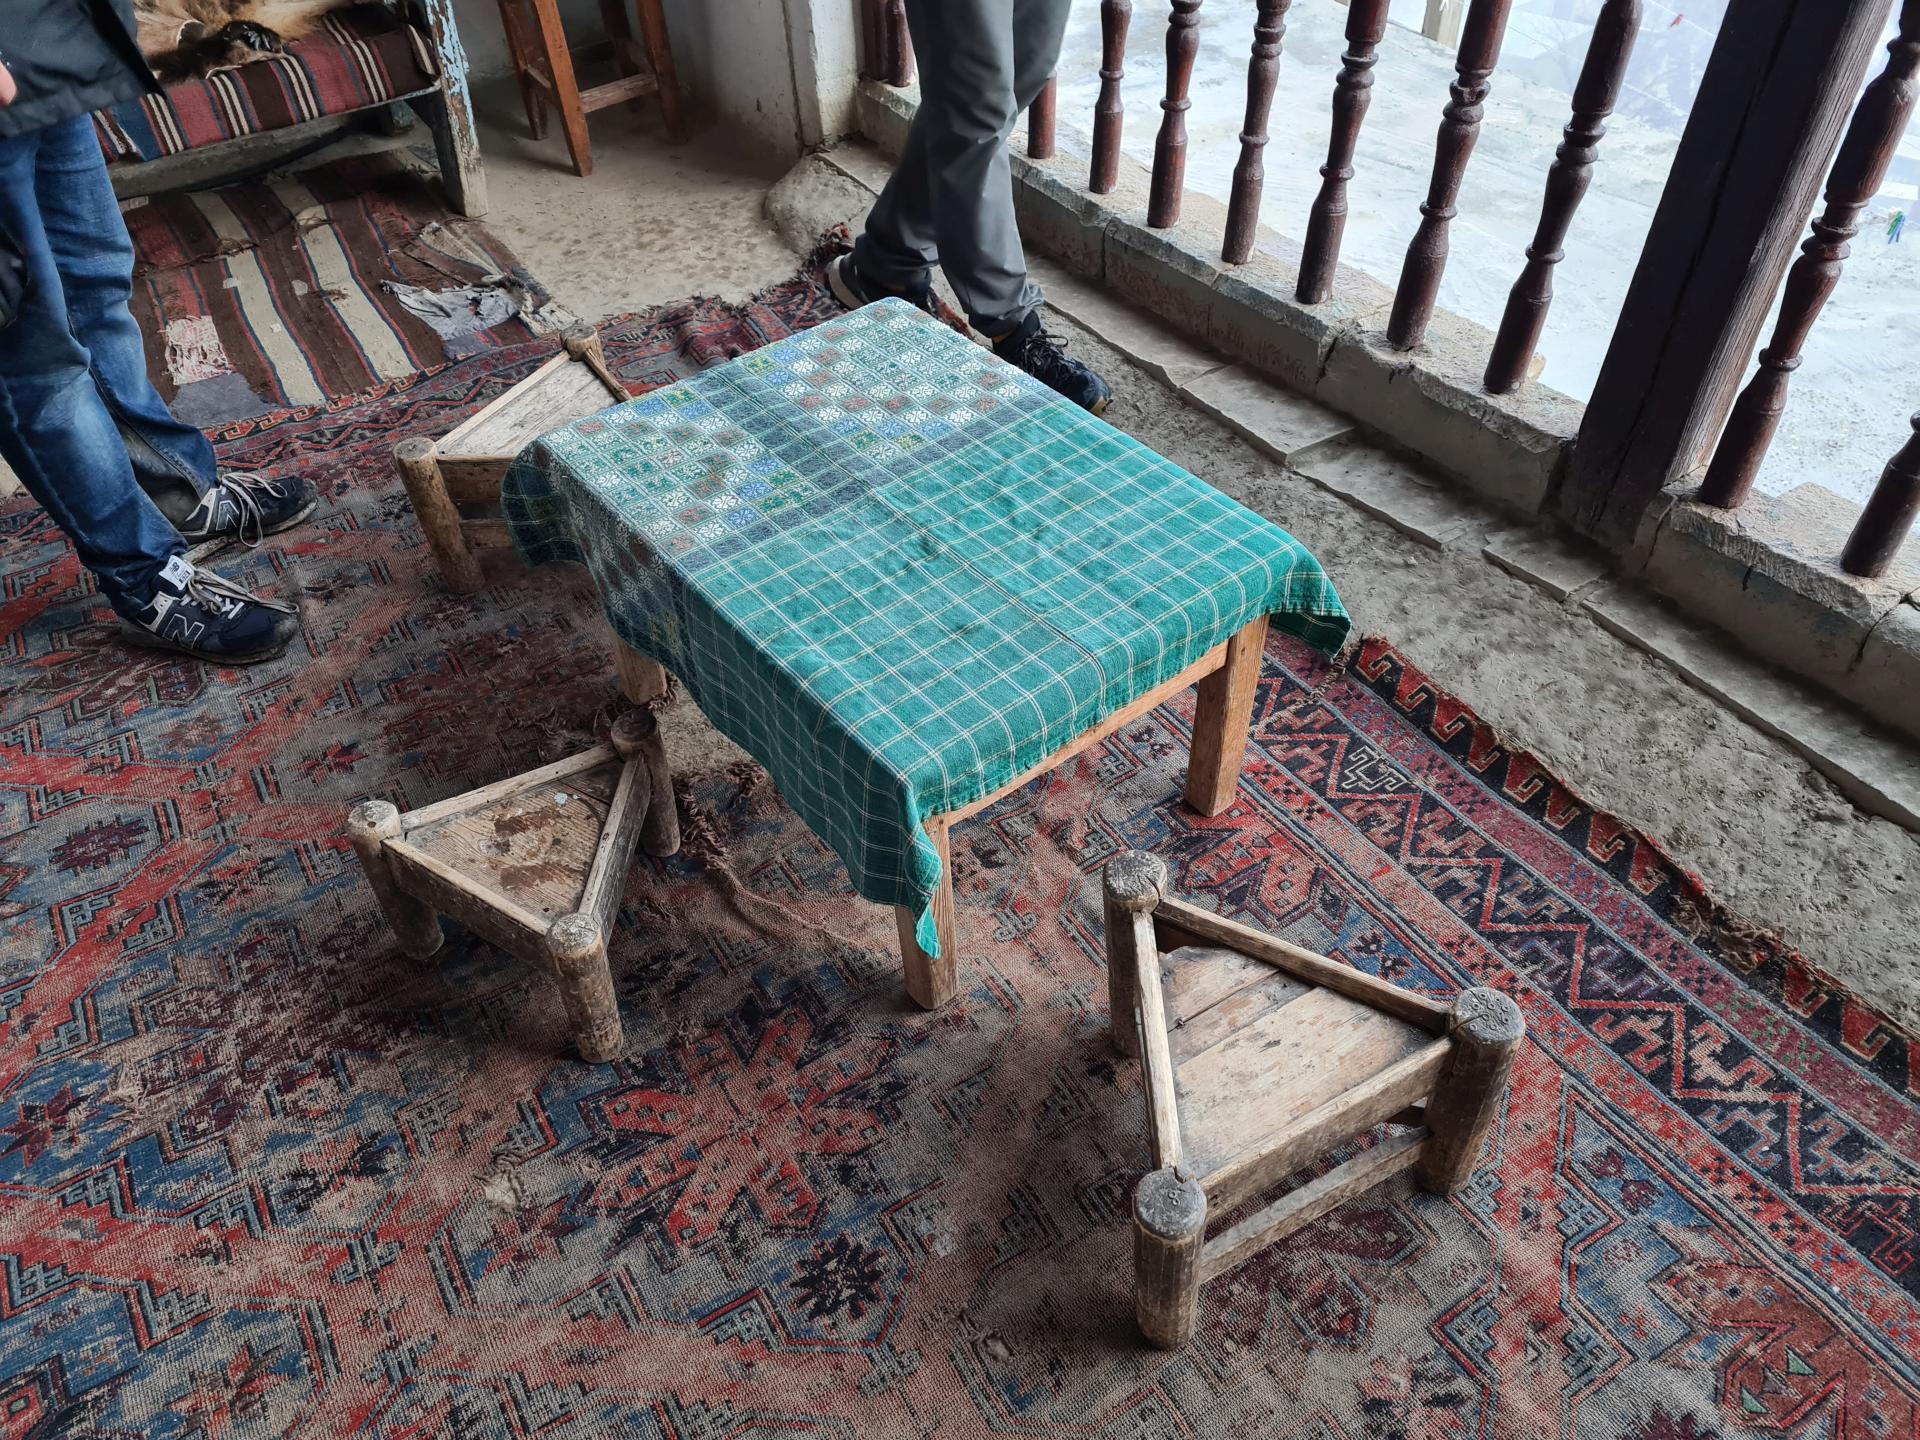 столик с треугольными табуретками в Дагестане